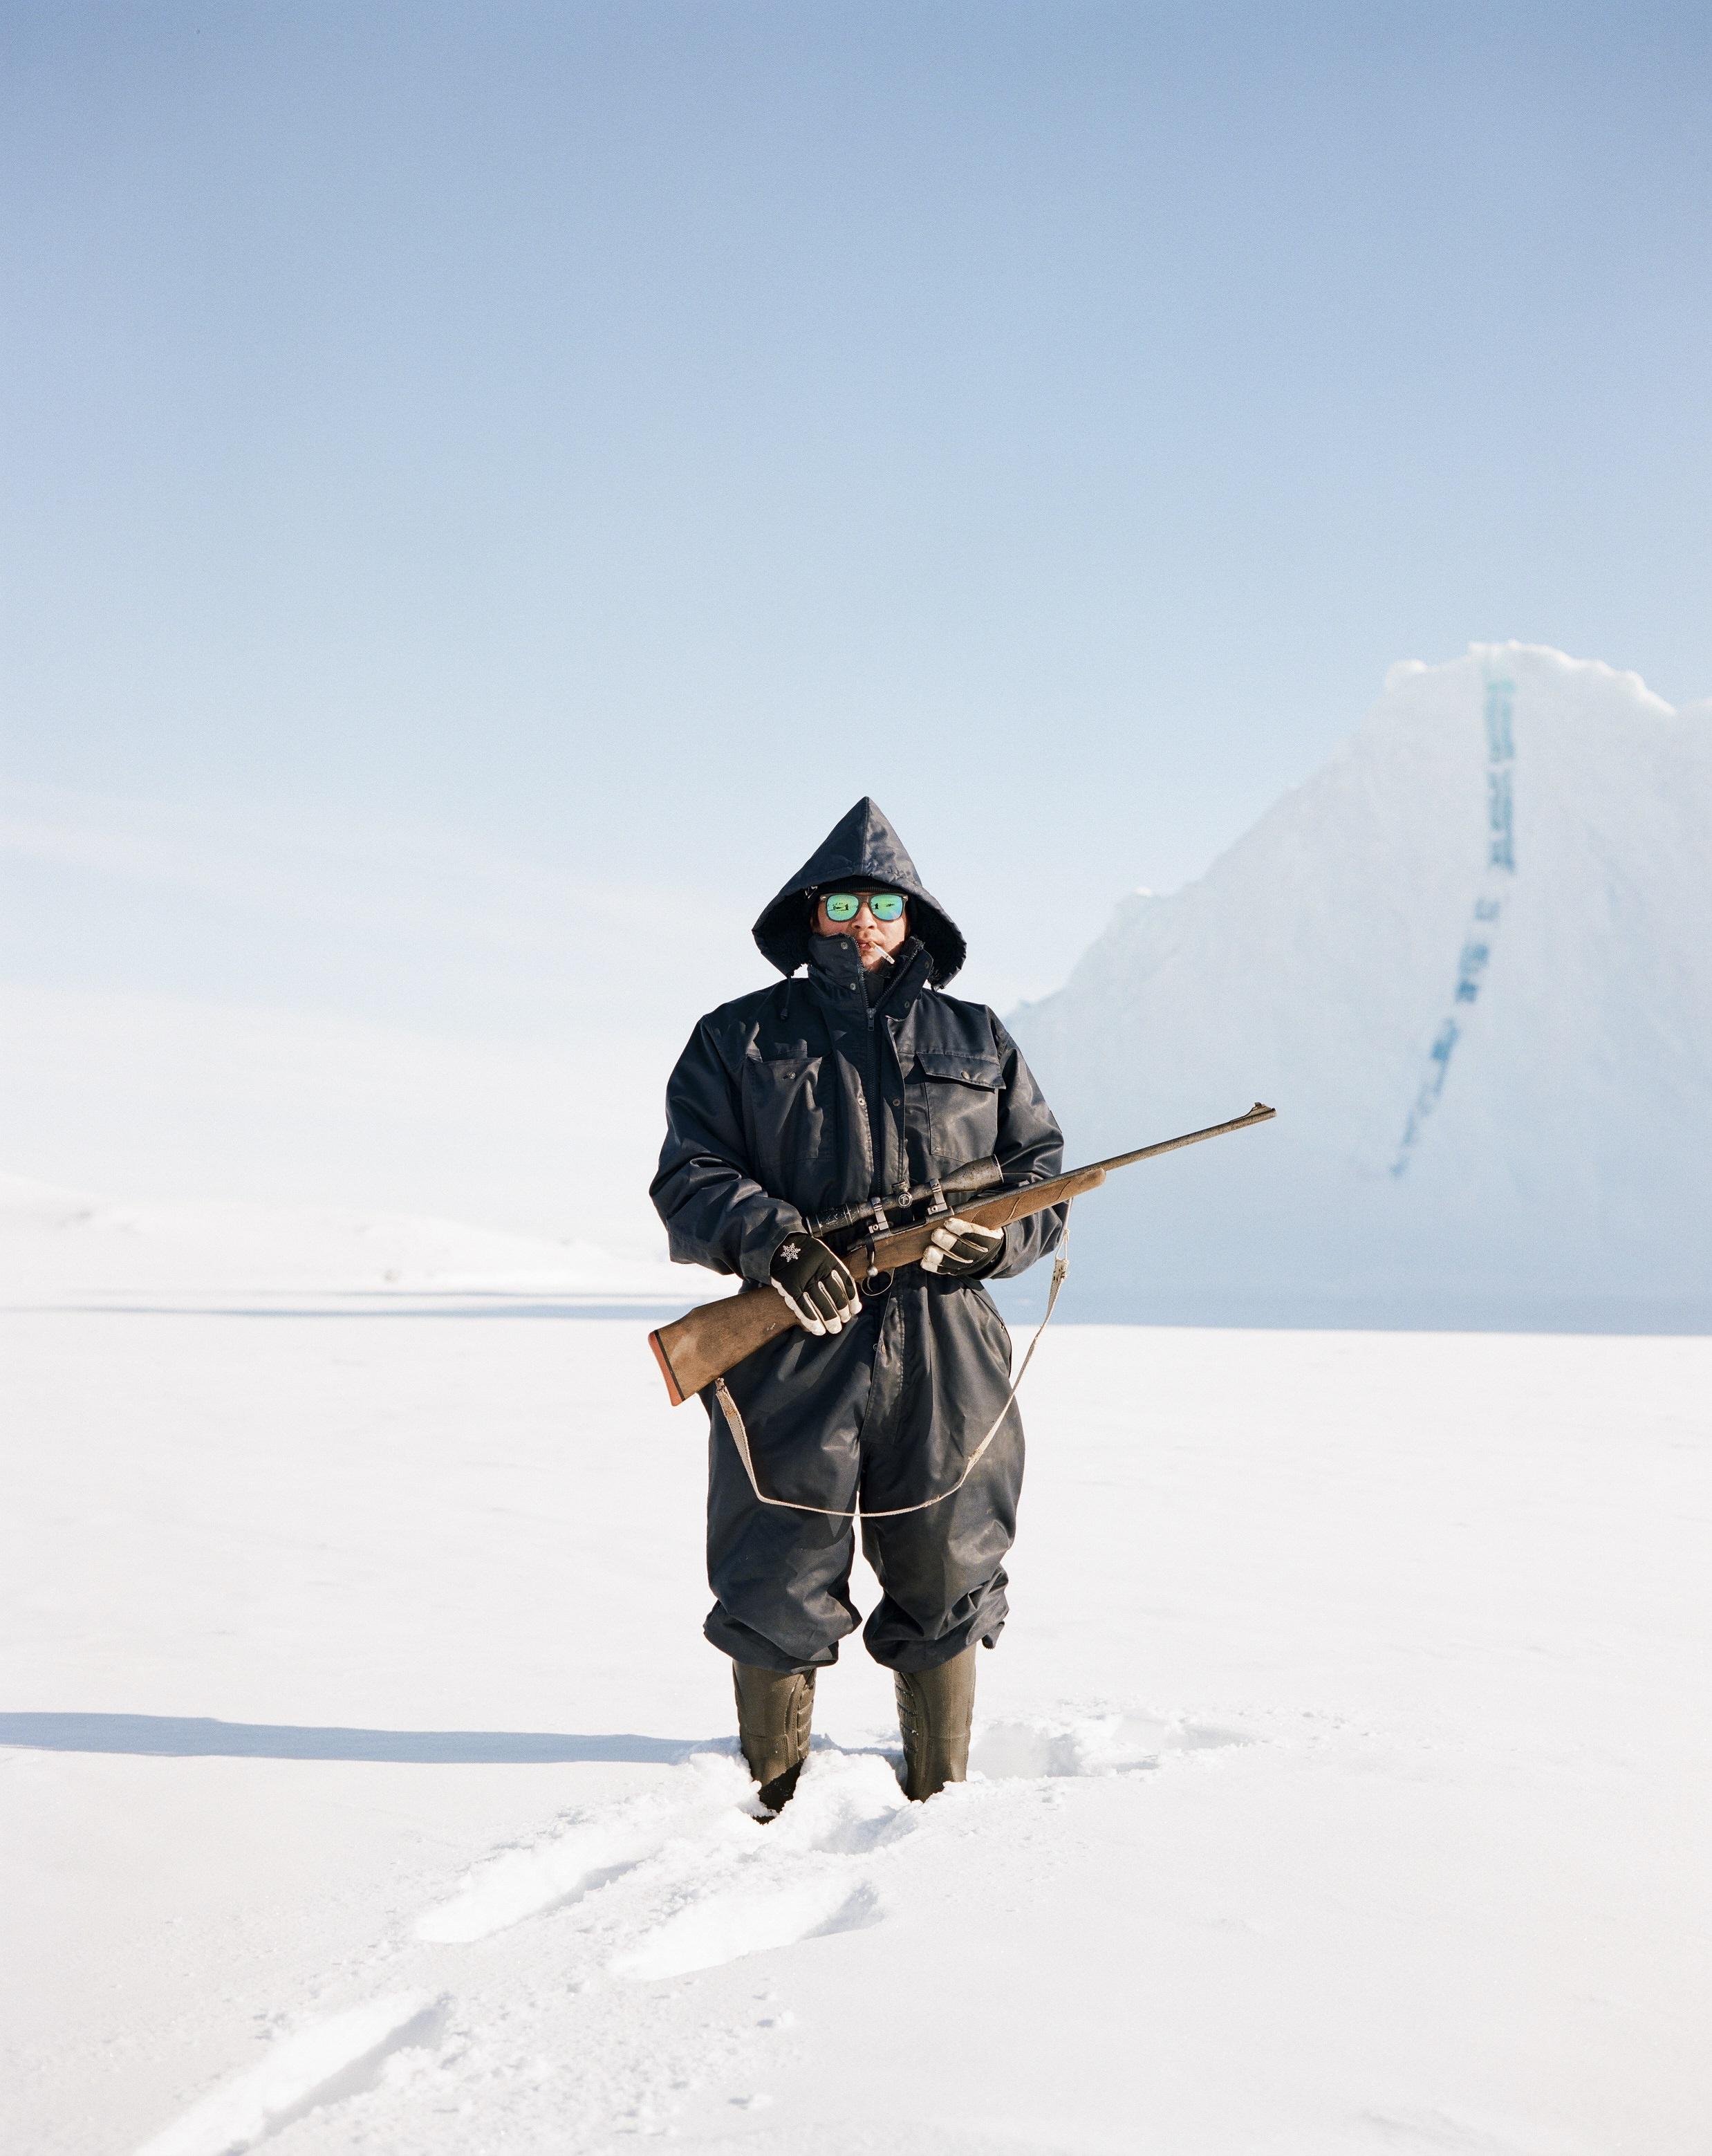 Michael Novotny: Az eszkimó férfi, Ittoqqortoormiit, Északkelet-Grönland © Michael Novotny/Portrait of Humanity